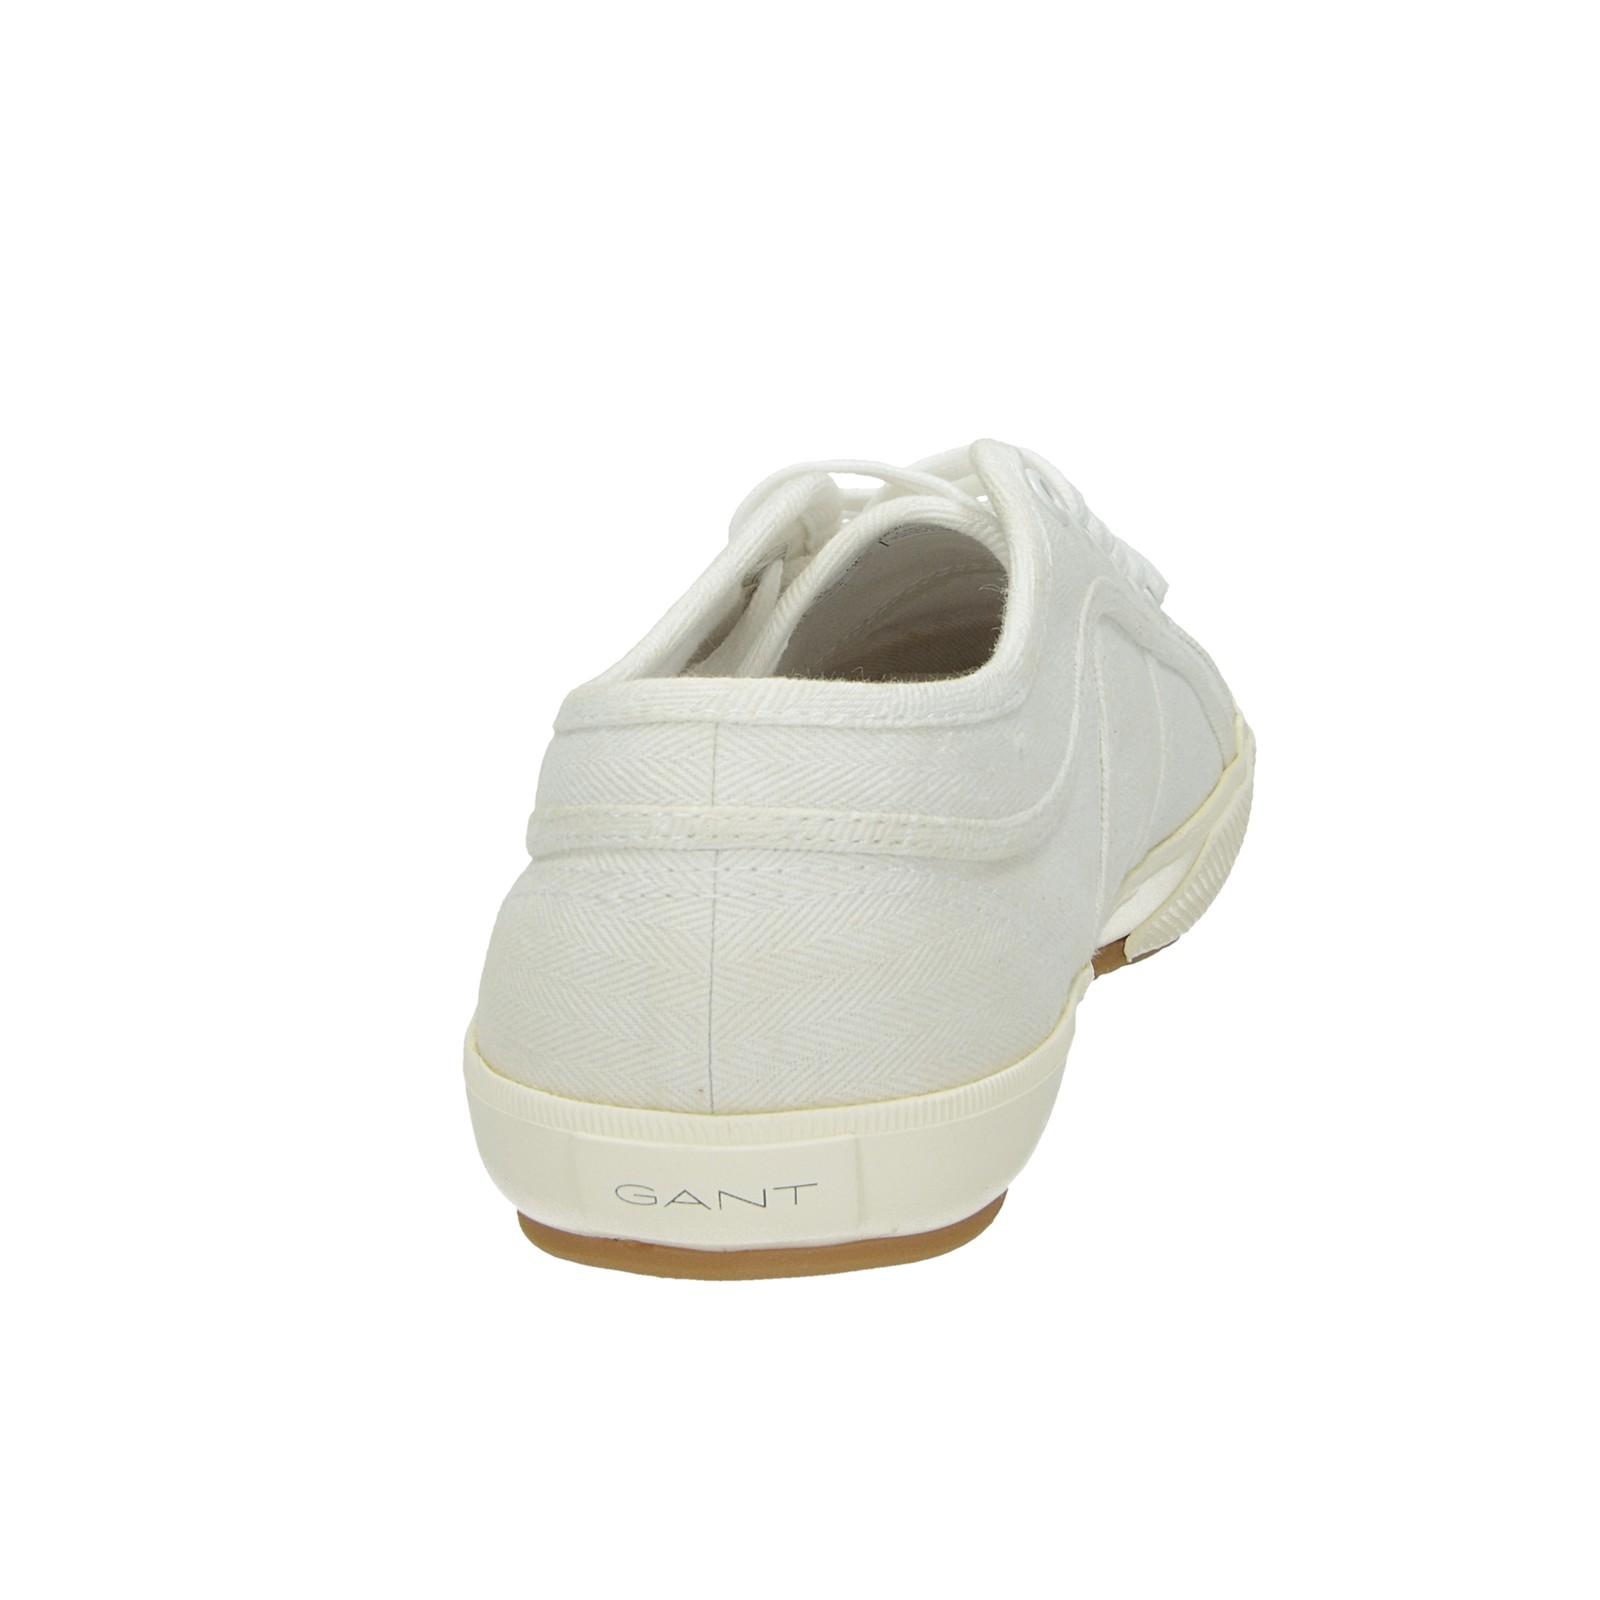 64adf7633e ... Gant pánske štýlové tenisky - biele ...